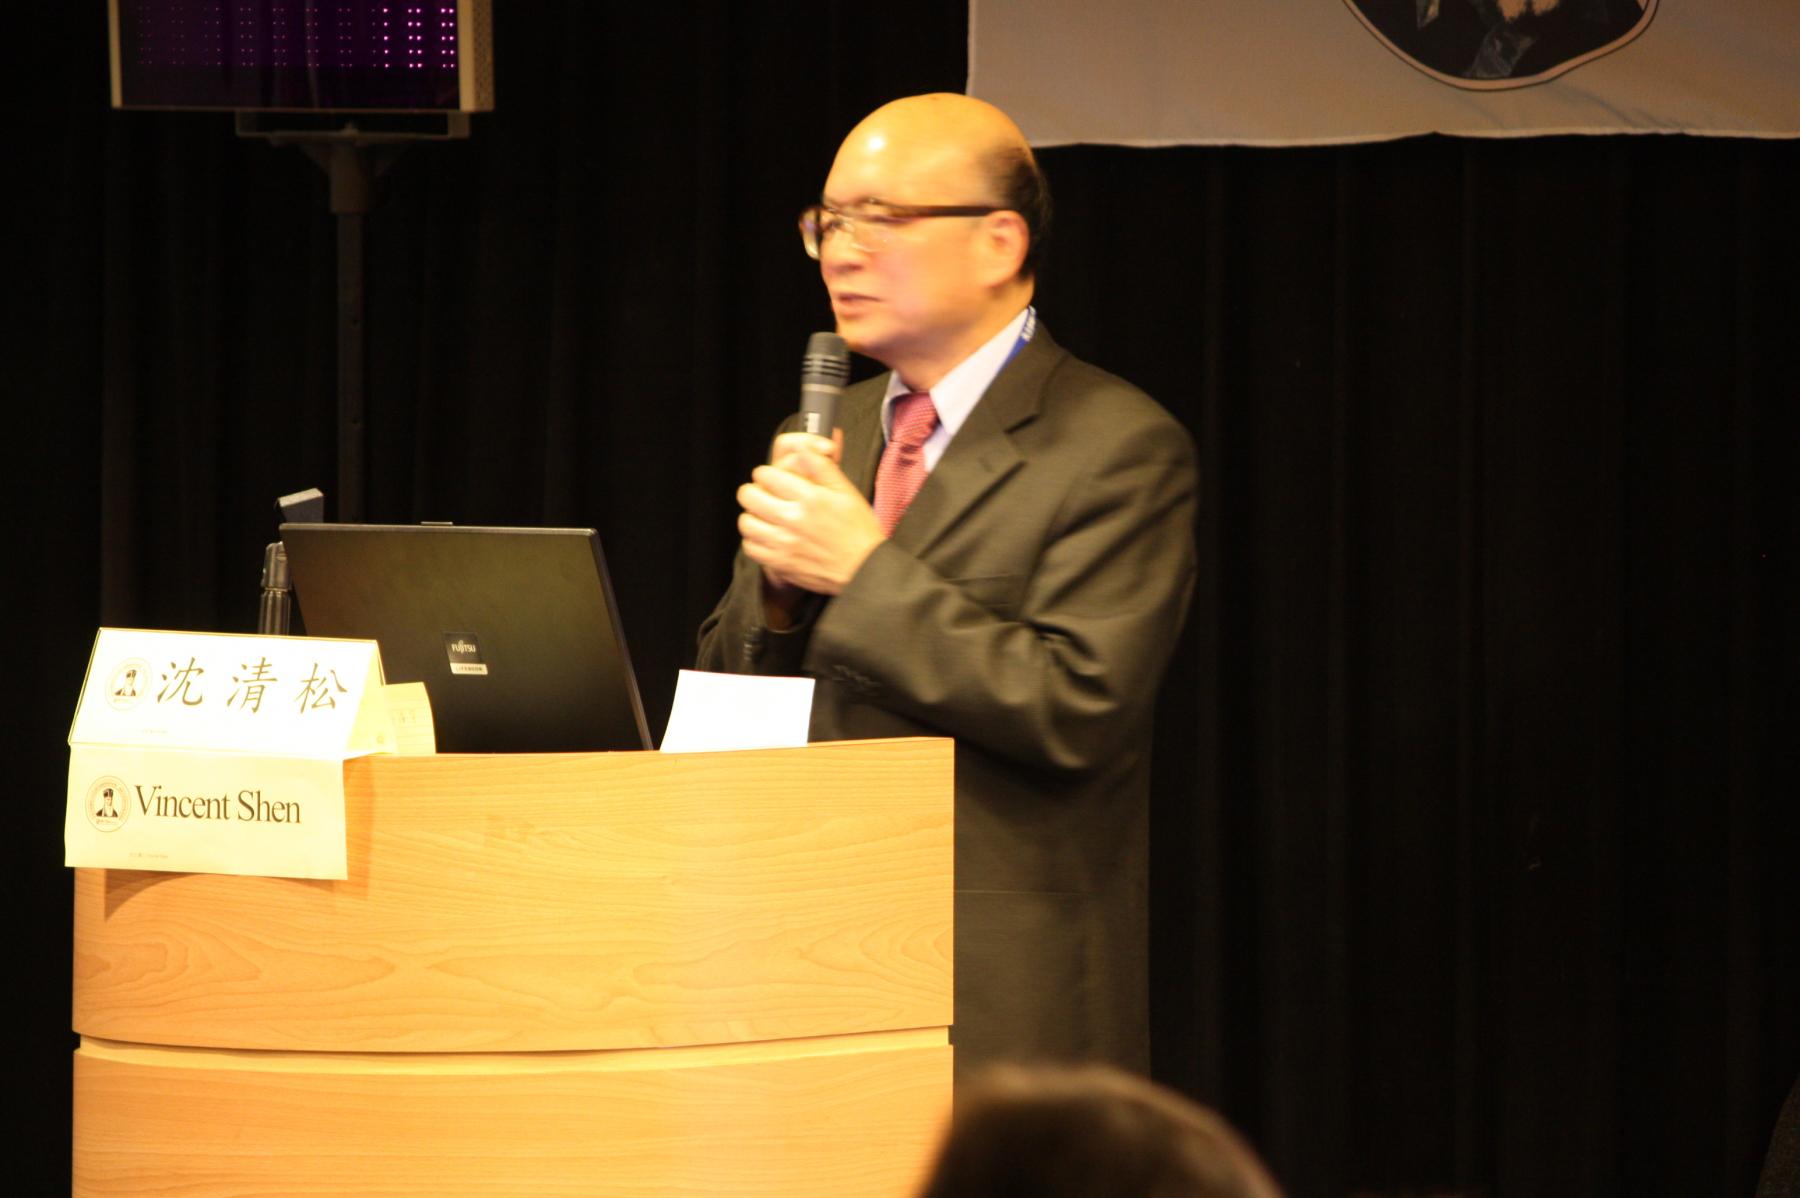 201004紀念利瑪竇逝世四百週年國際學術研討會-31